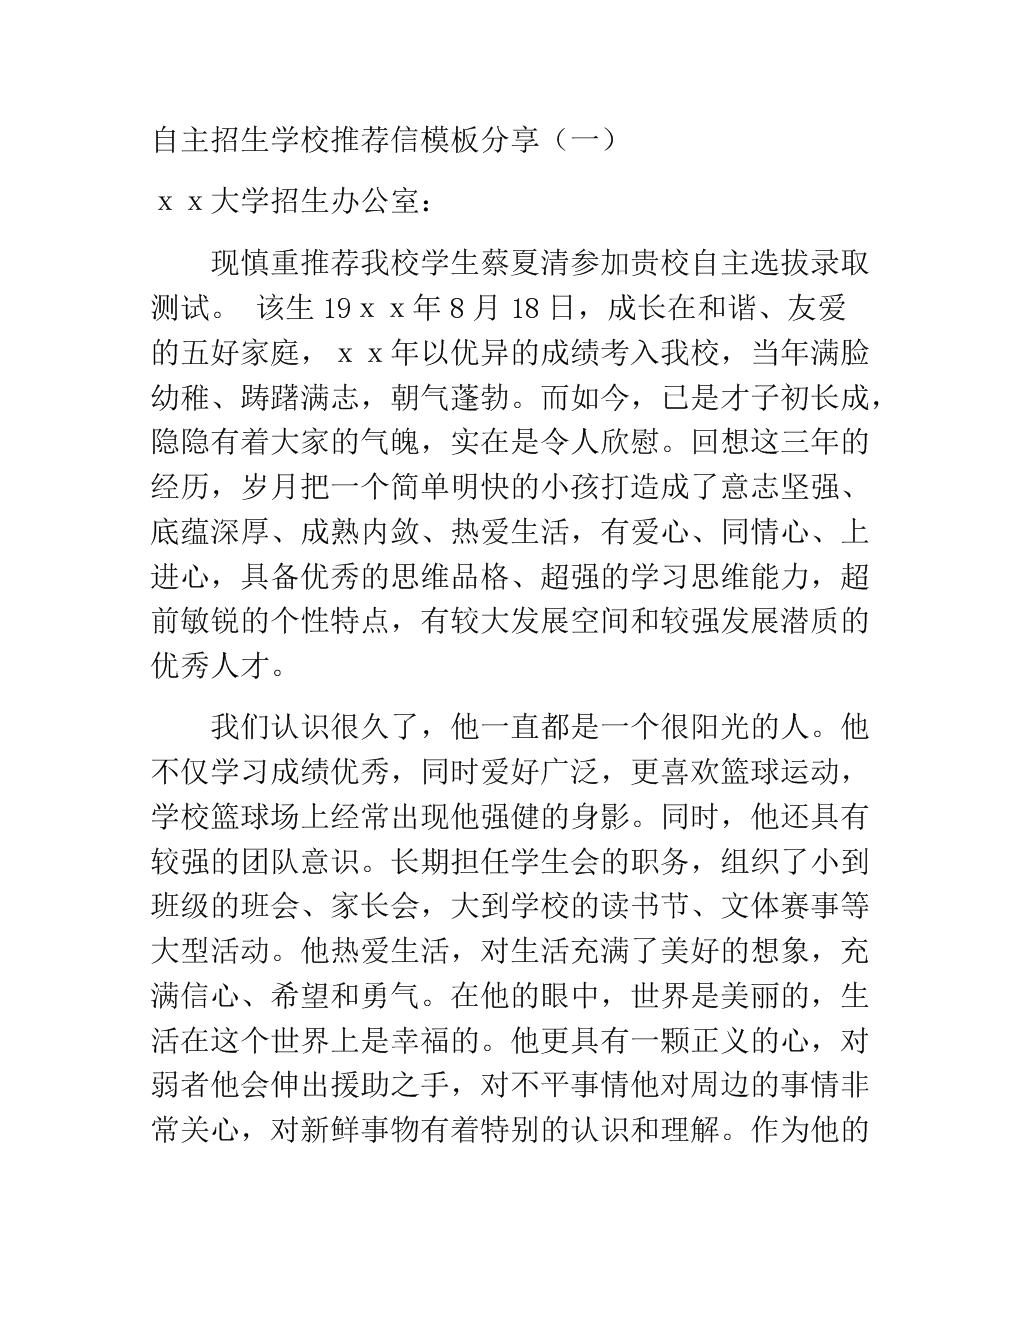 自主招生学校推荐信模板分享(二).docx图片